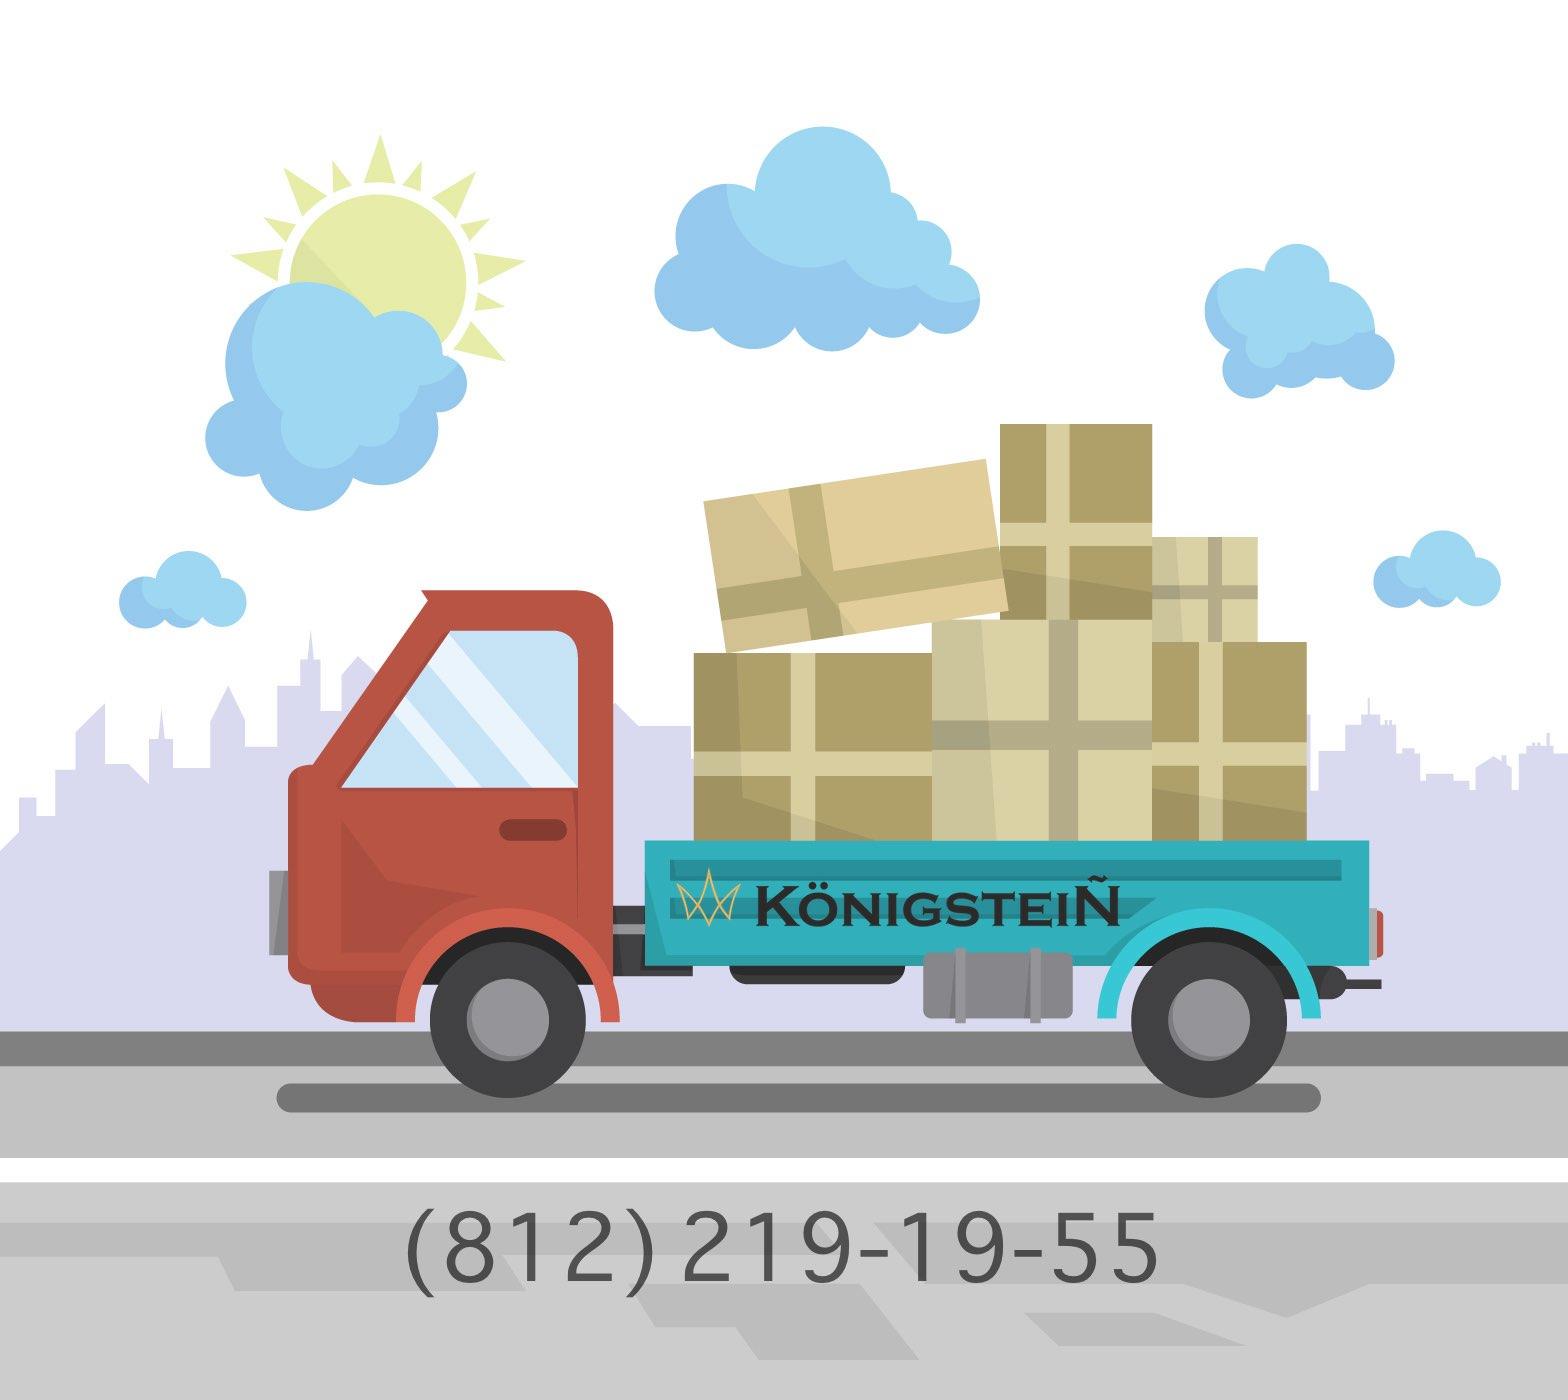 Доставка Konigstein